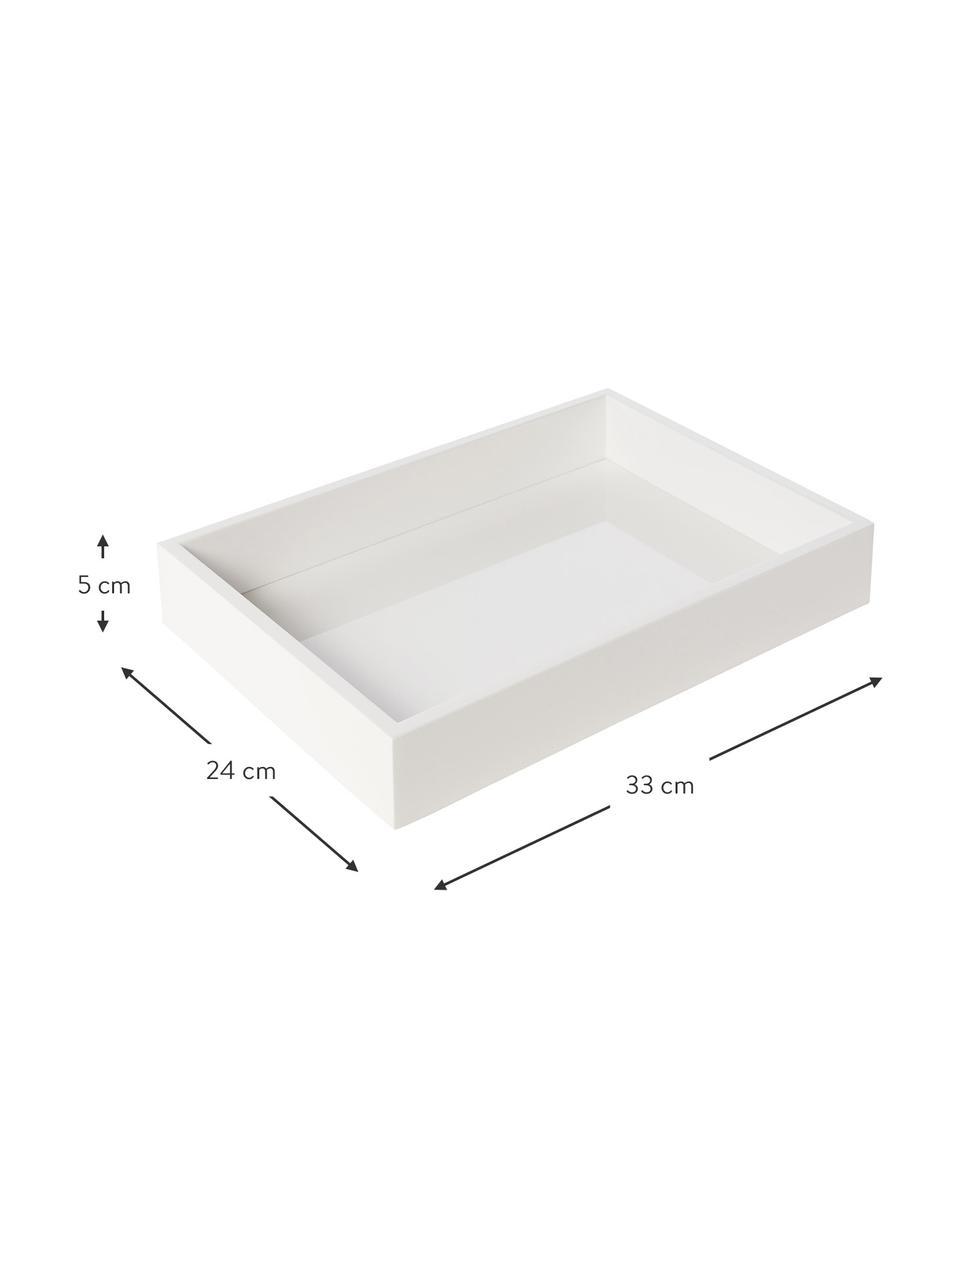 Hochglanz-Tablett Hayley in Weiß, verschiedene Größen, Tablett: Mitteldichte Holzfaserpla, Unterseite: Samtbezug, Weiß, L 50 cm